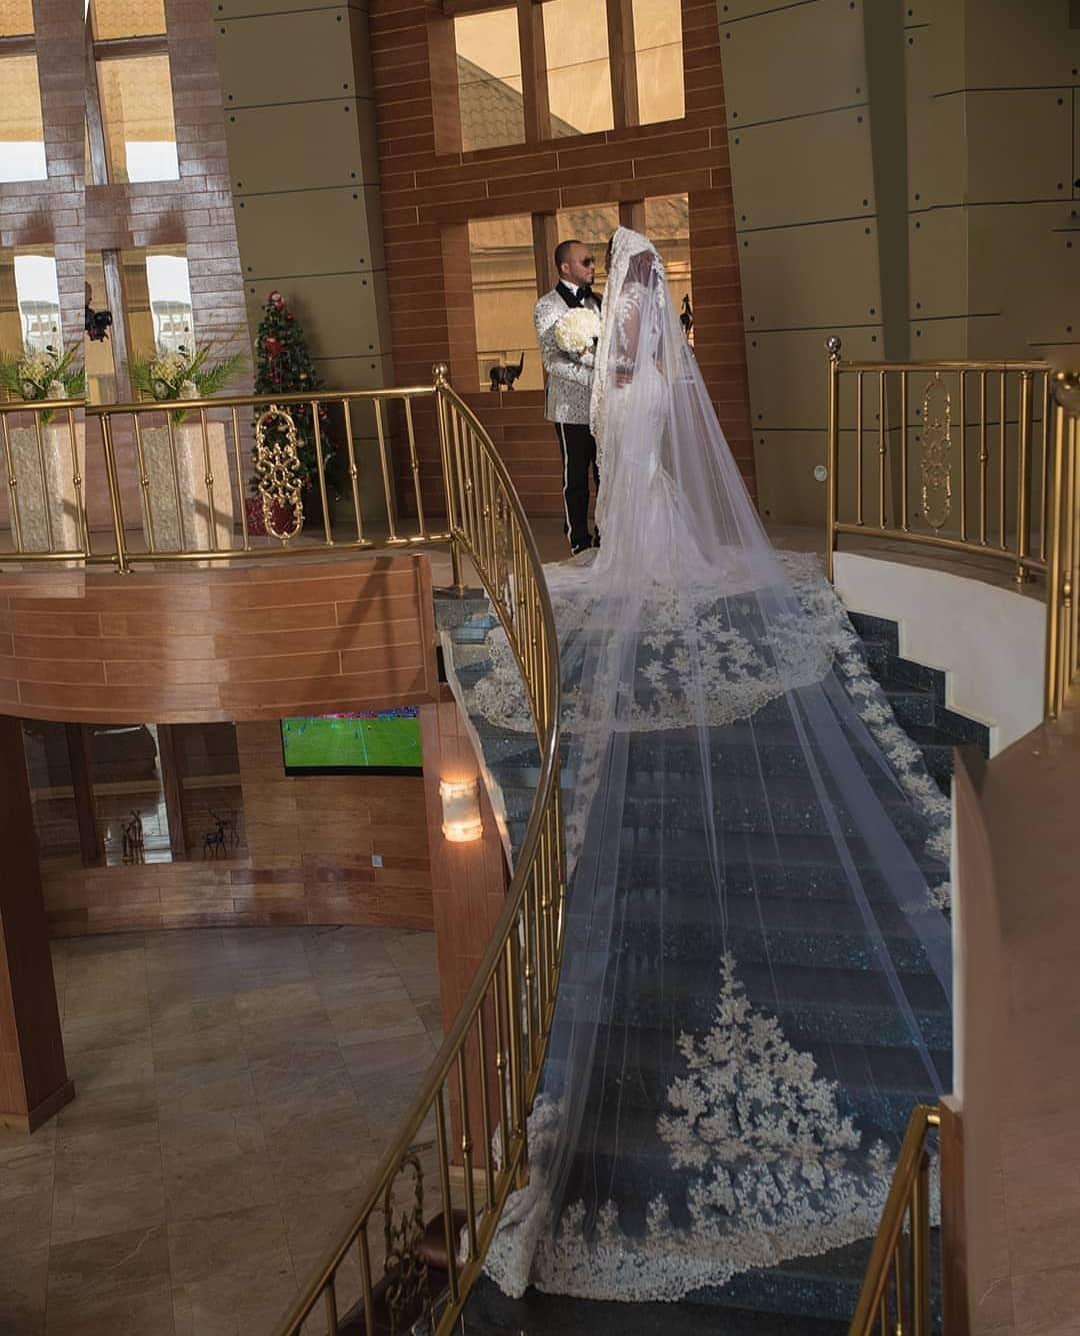 Chizzy Alichi posts her white wedding photos